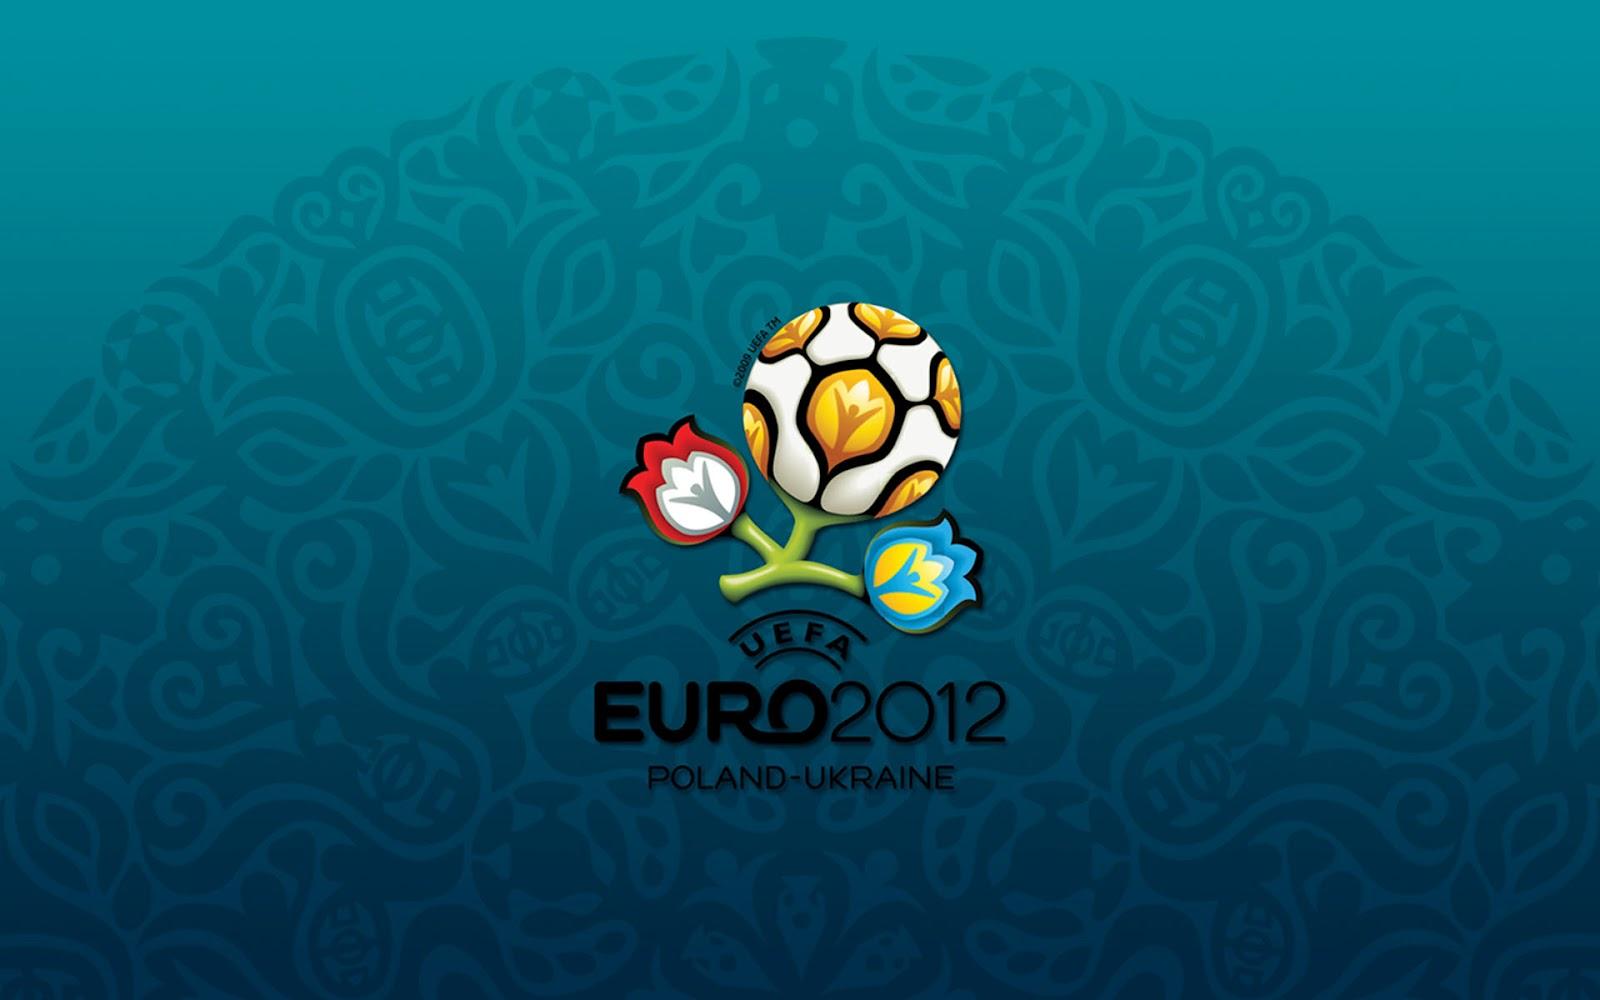 http://2.bp.blogspot.com/-sMrZSXo8FZ8/T-ynLy3r9YI/AAAAAAAAC_c/dvq-k3hNFag/s1600/Euro+2012+(13).jpg